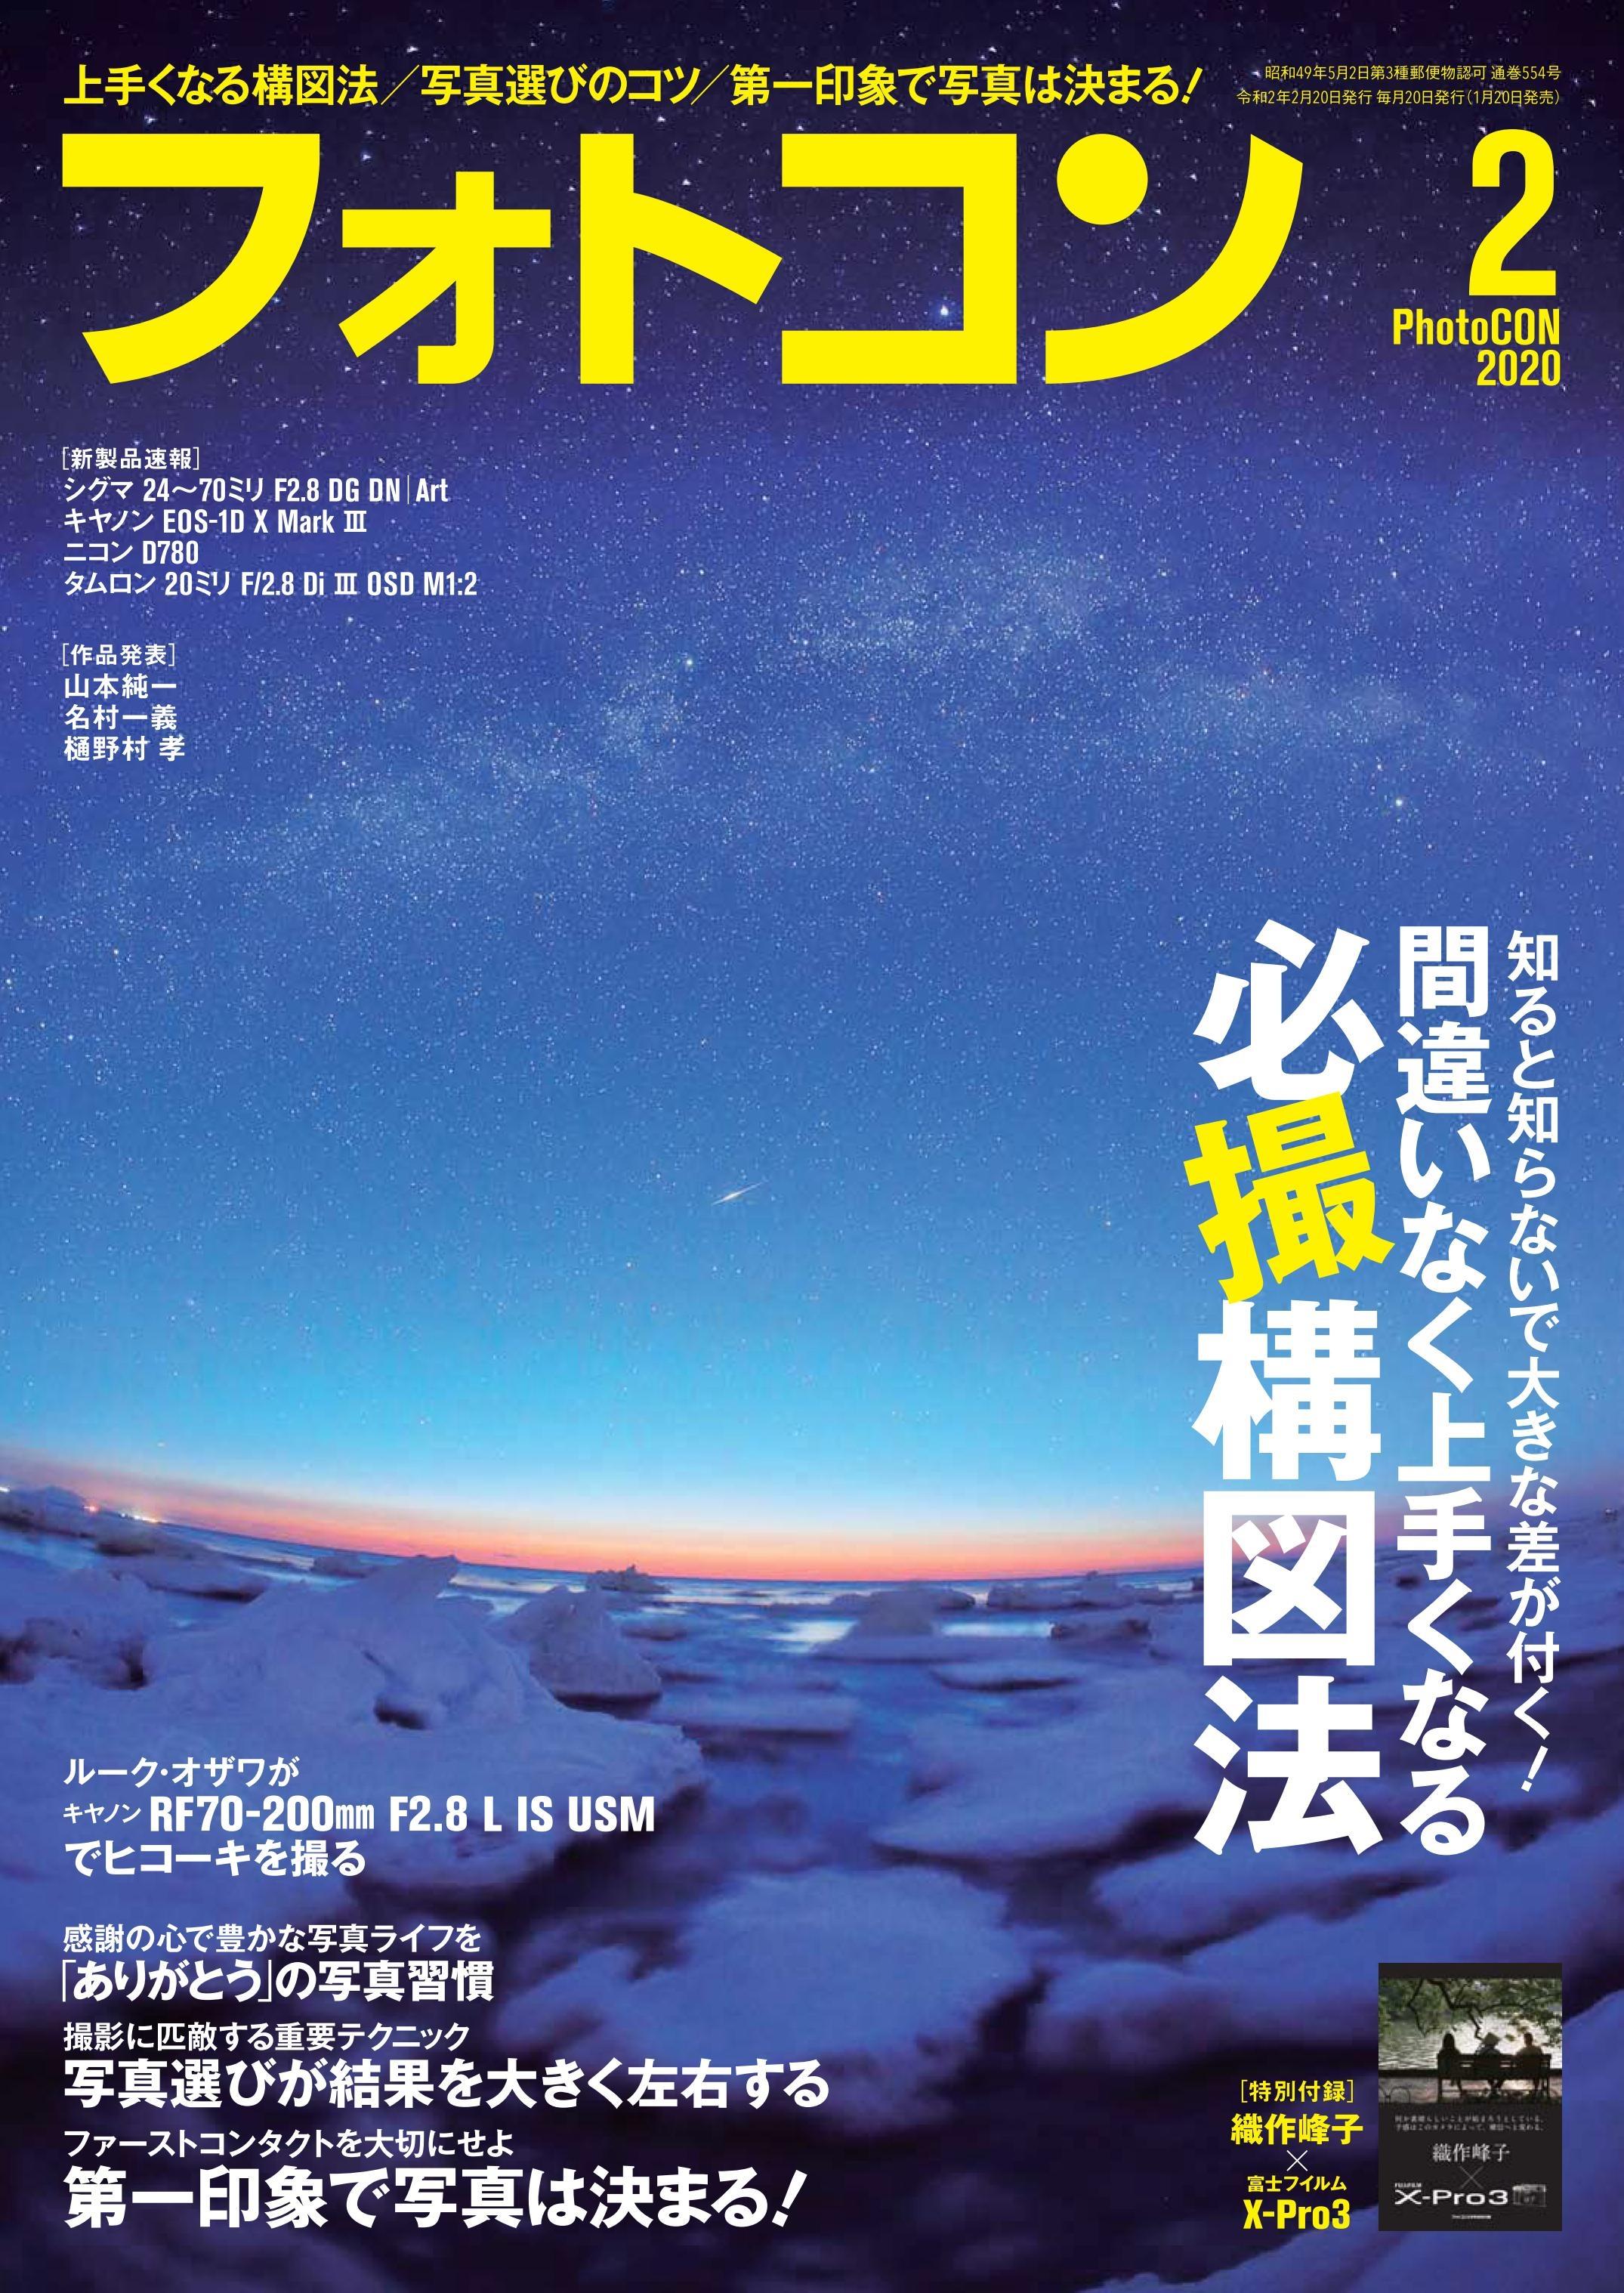 フォトコン2020年2月号(別冊付録:織作峰子×富士フイルム ブックレット)